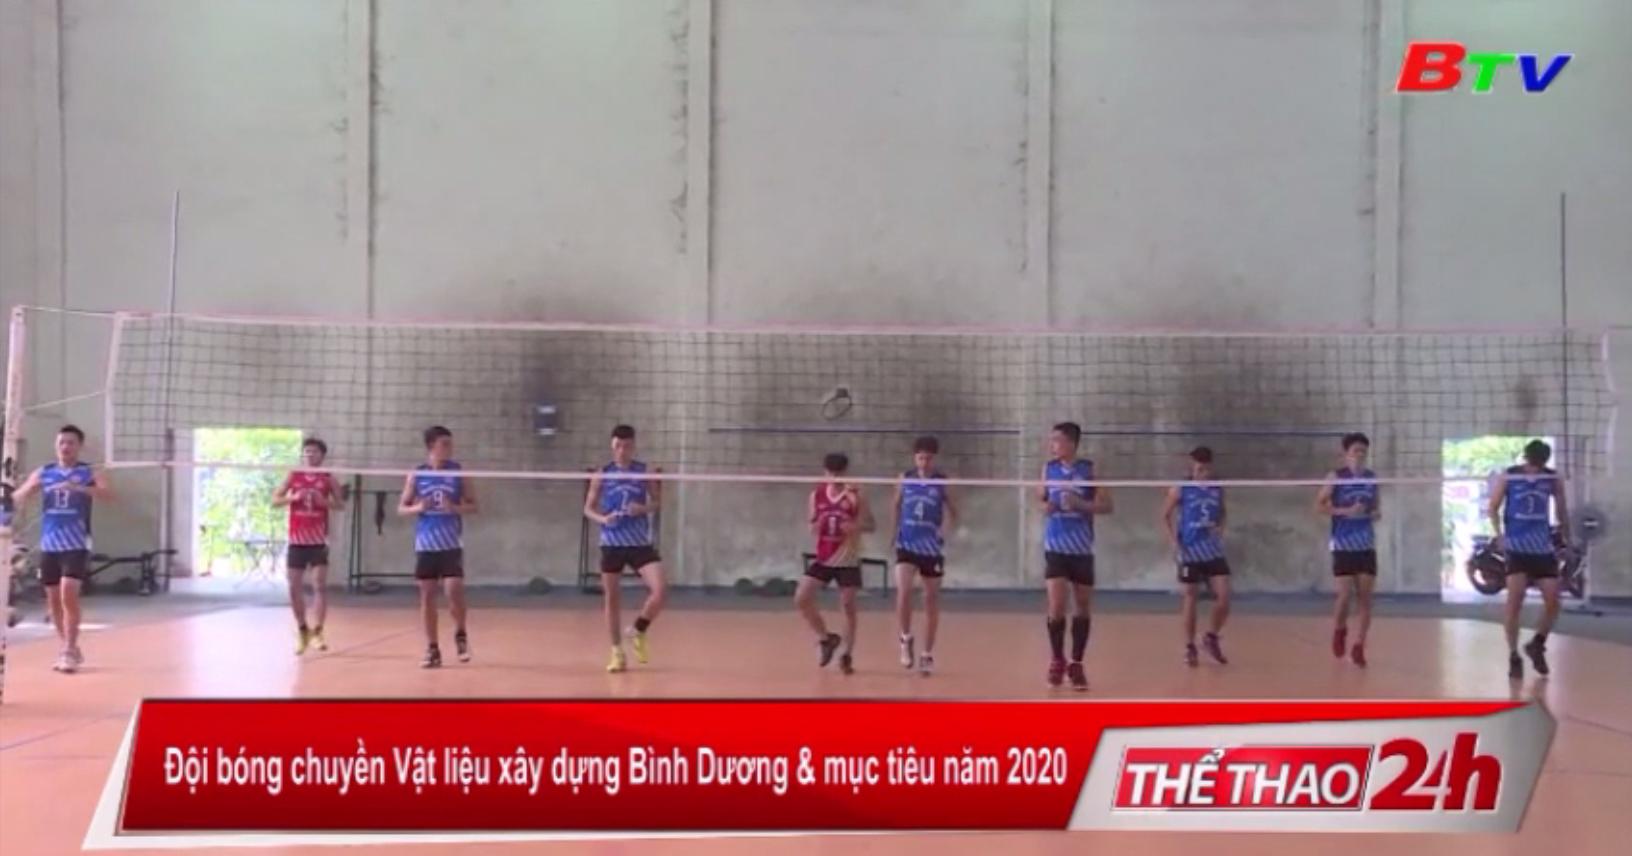 Đội bóng chuyền Vật liệu xây dựng Bình Dương và mục tiêu năm 2020